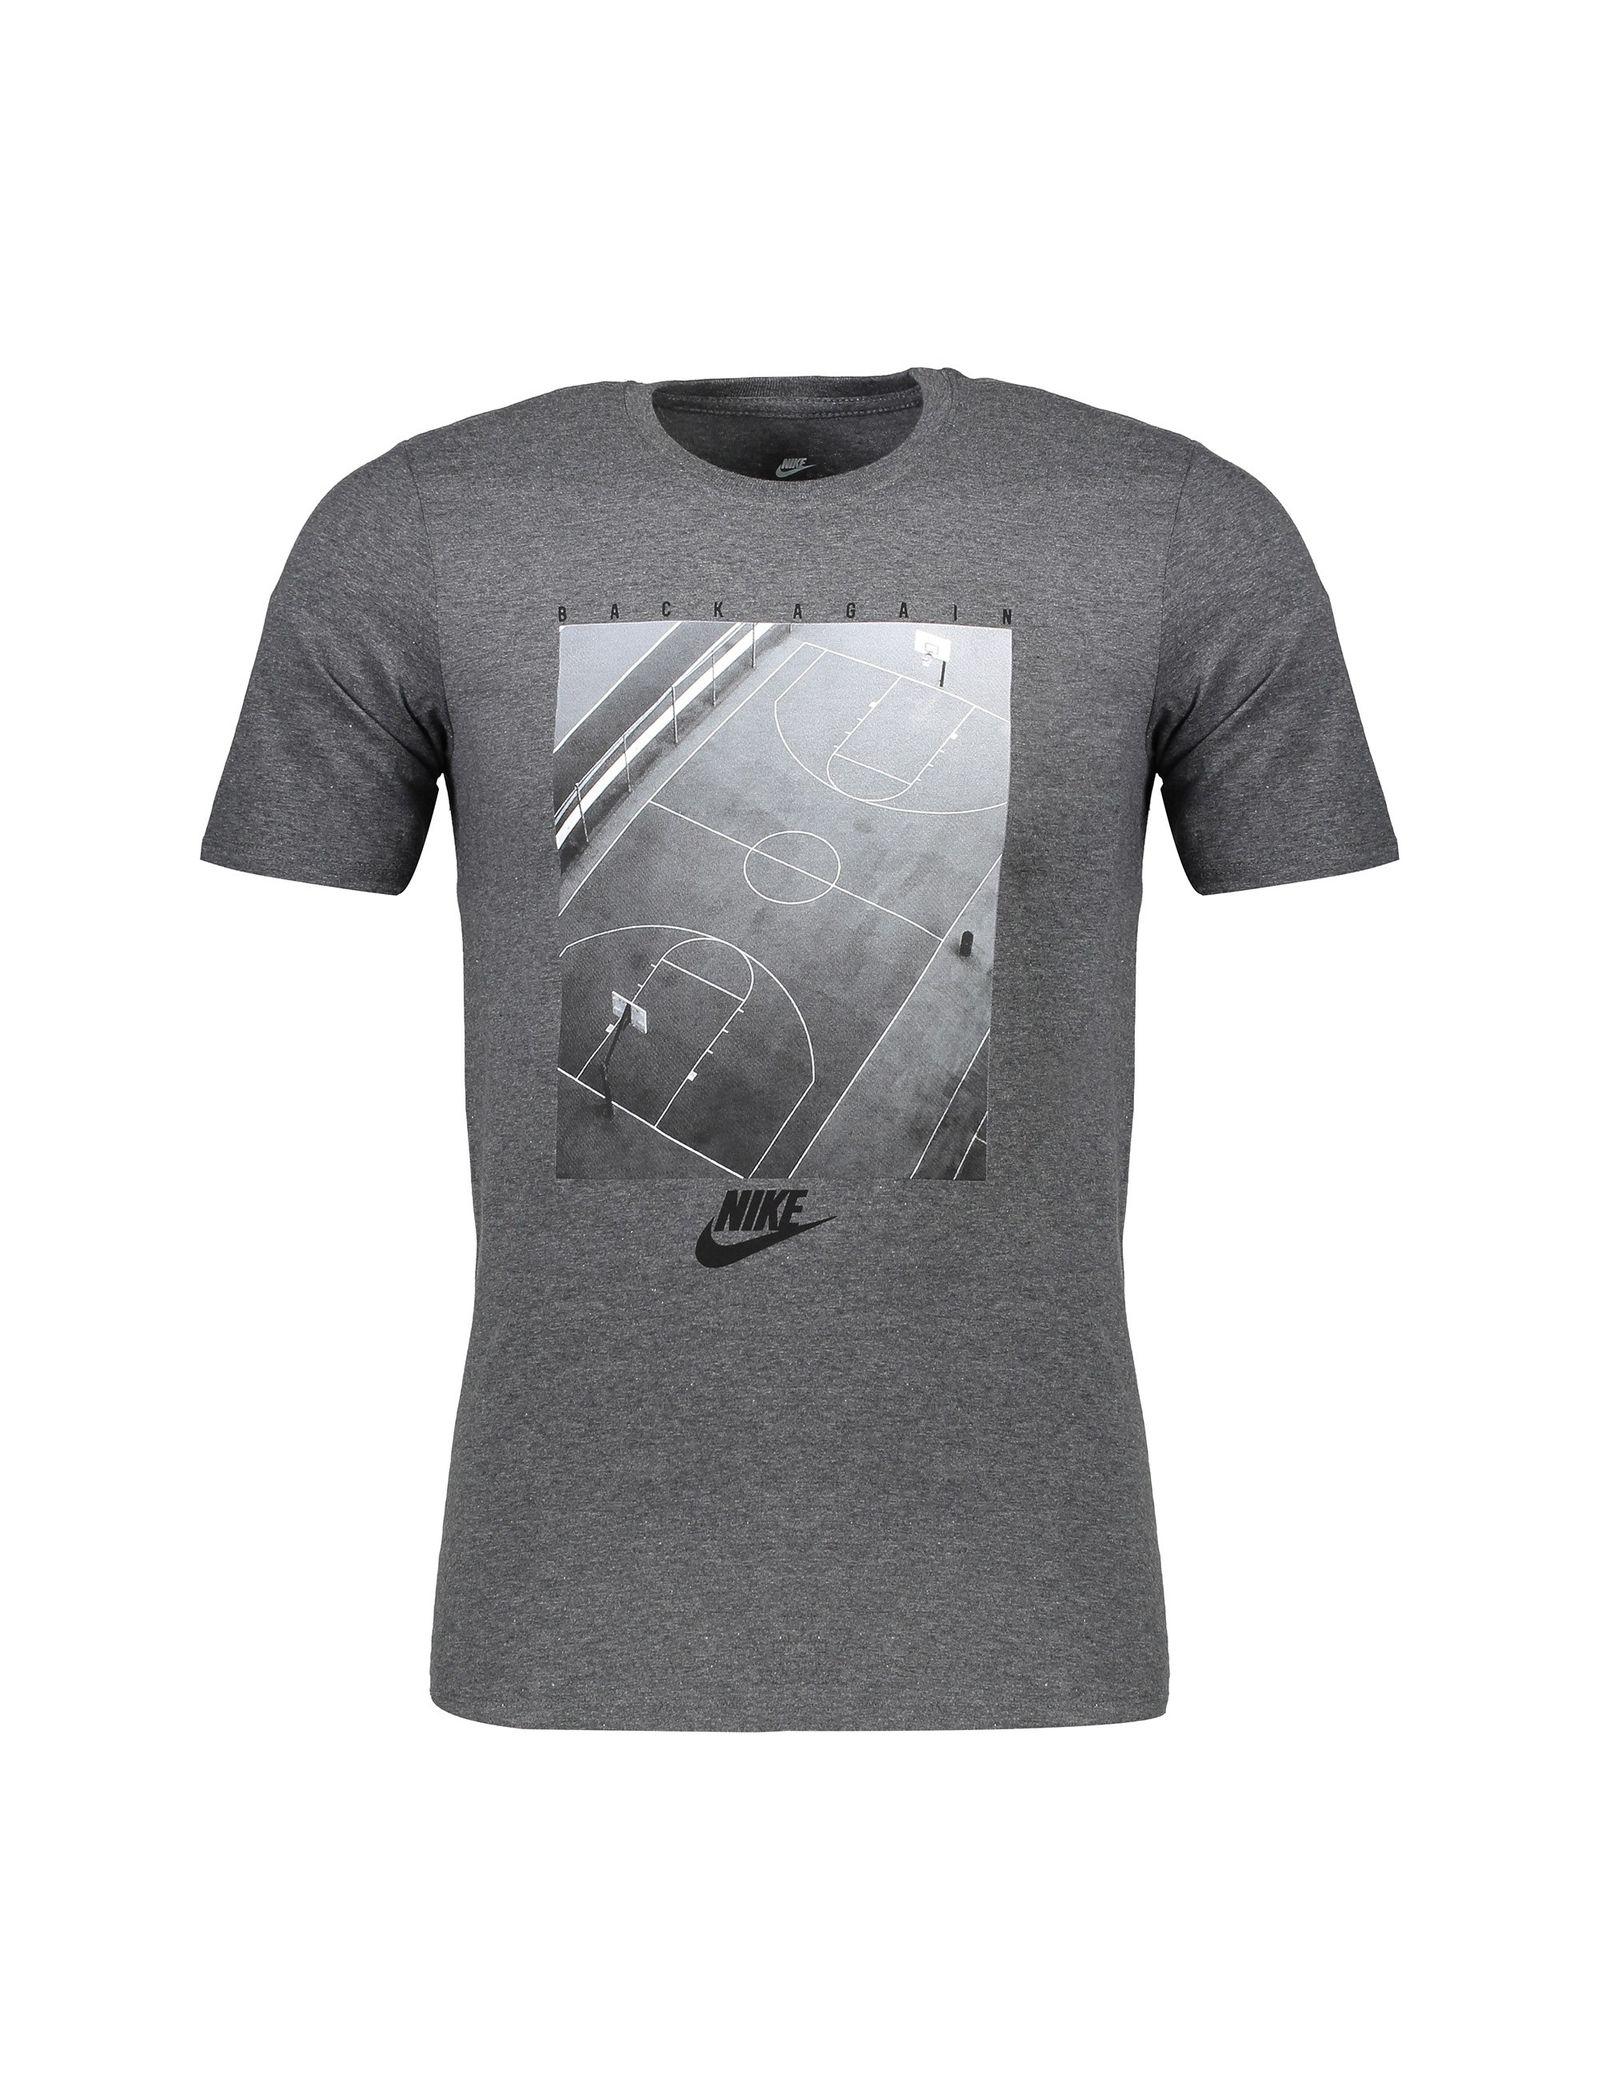 تی شرت نخی یقه گرد مردانه Pressn - نایکی - زغالي - 1